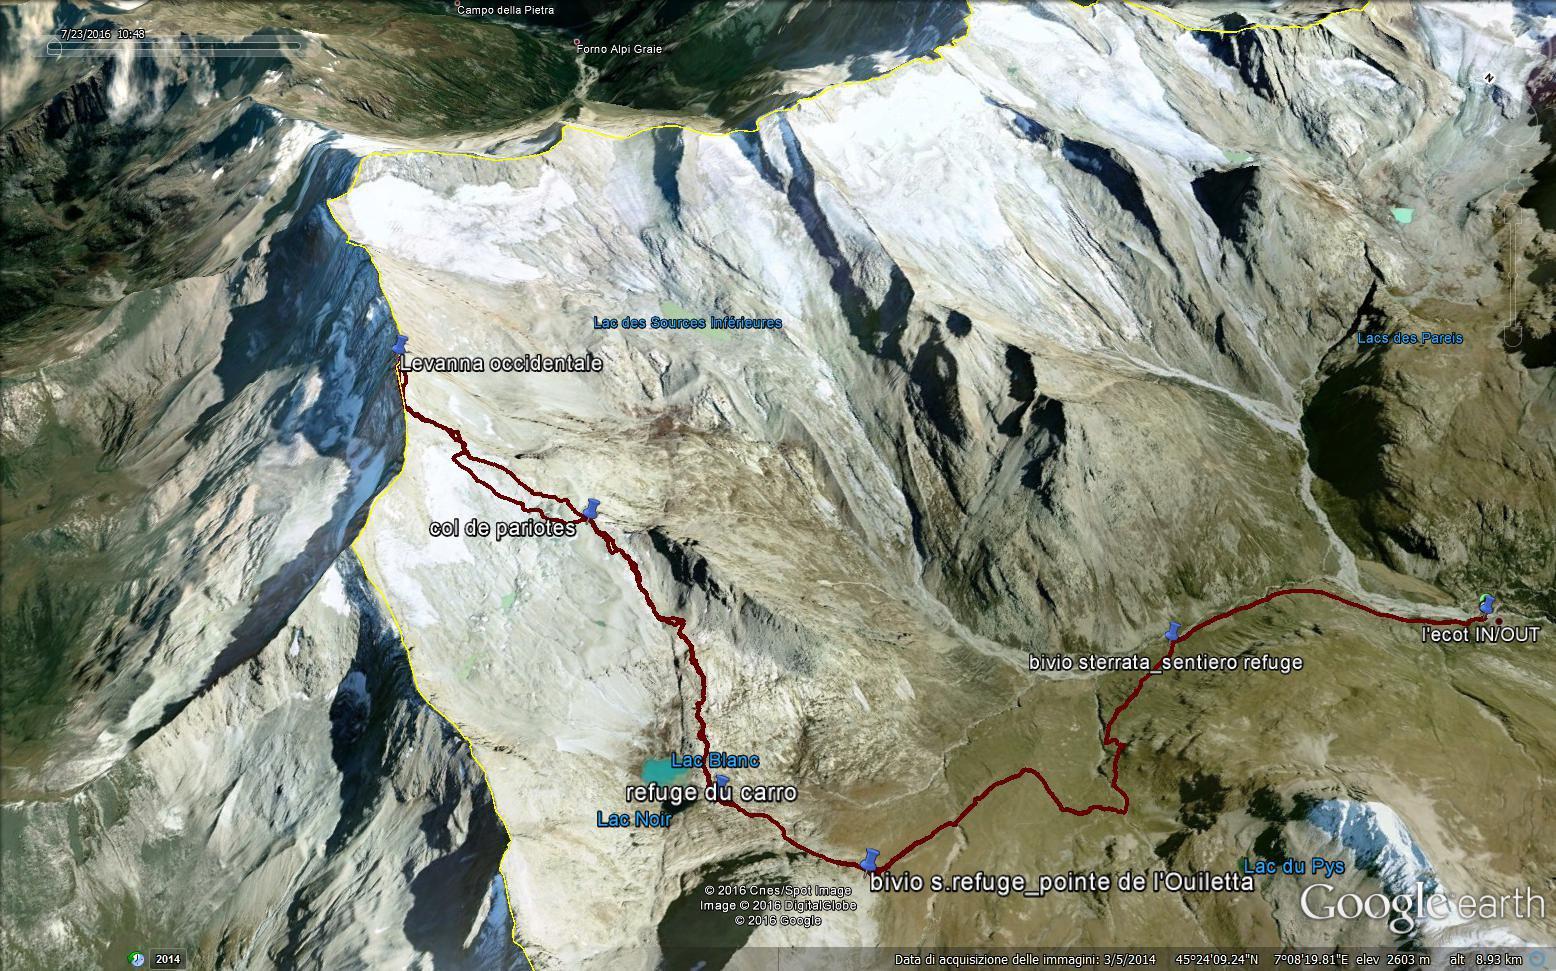 l'itinerario da L' Ecot in Image Google Earth